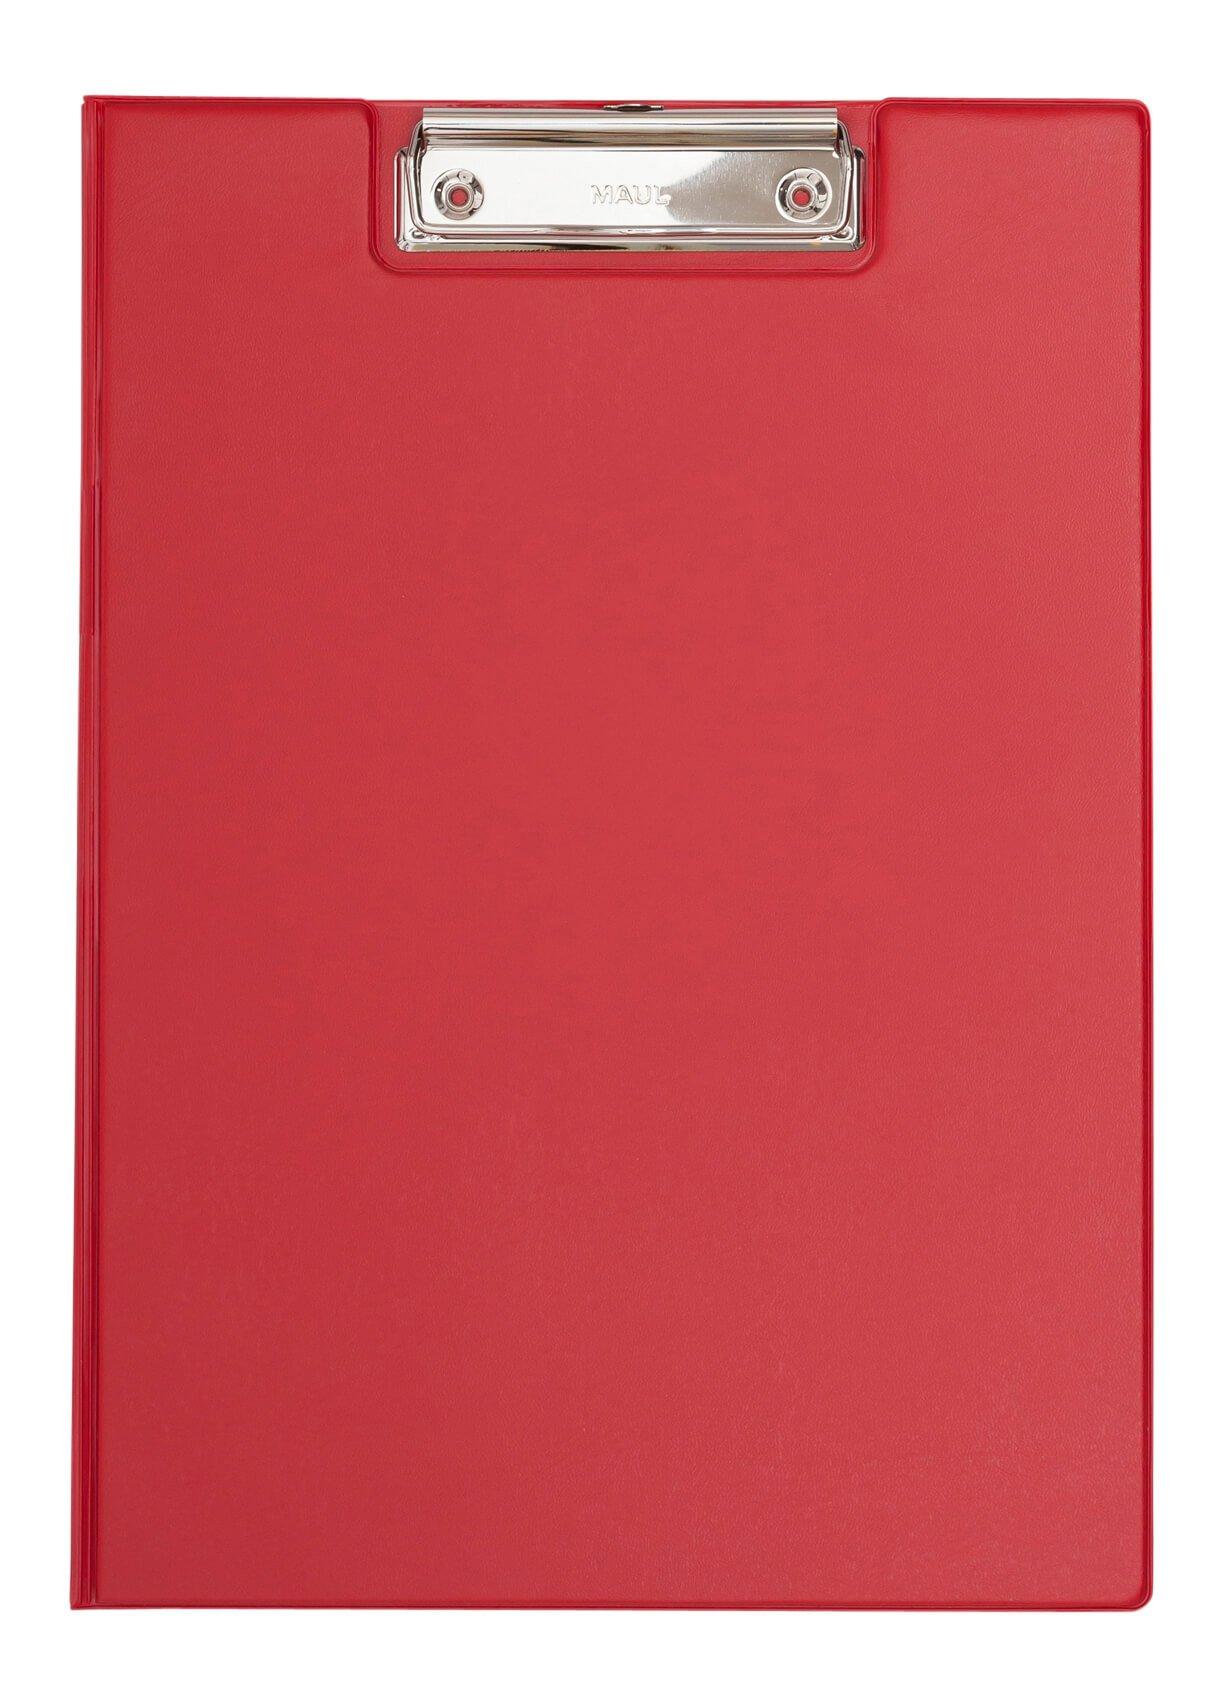 A4 Schreibmappe mit Folien- überzug, rot